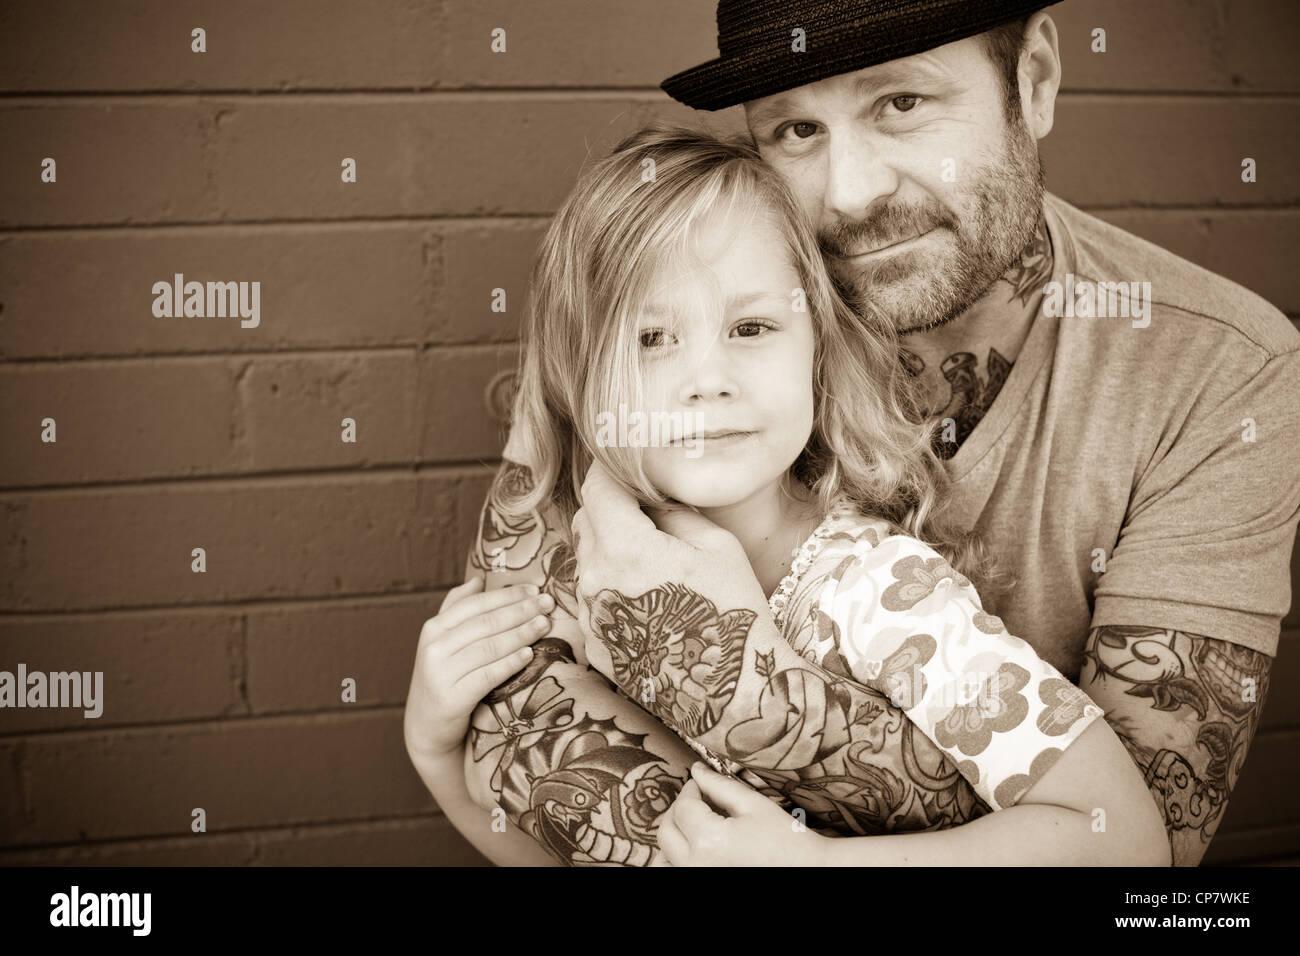 El padre tiene a su hija de cinco años y mira a la cámara. Imagen De Stock